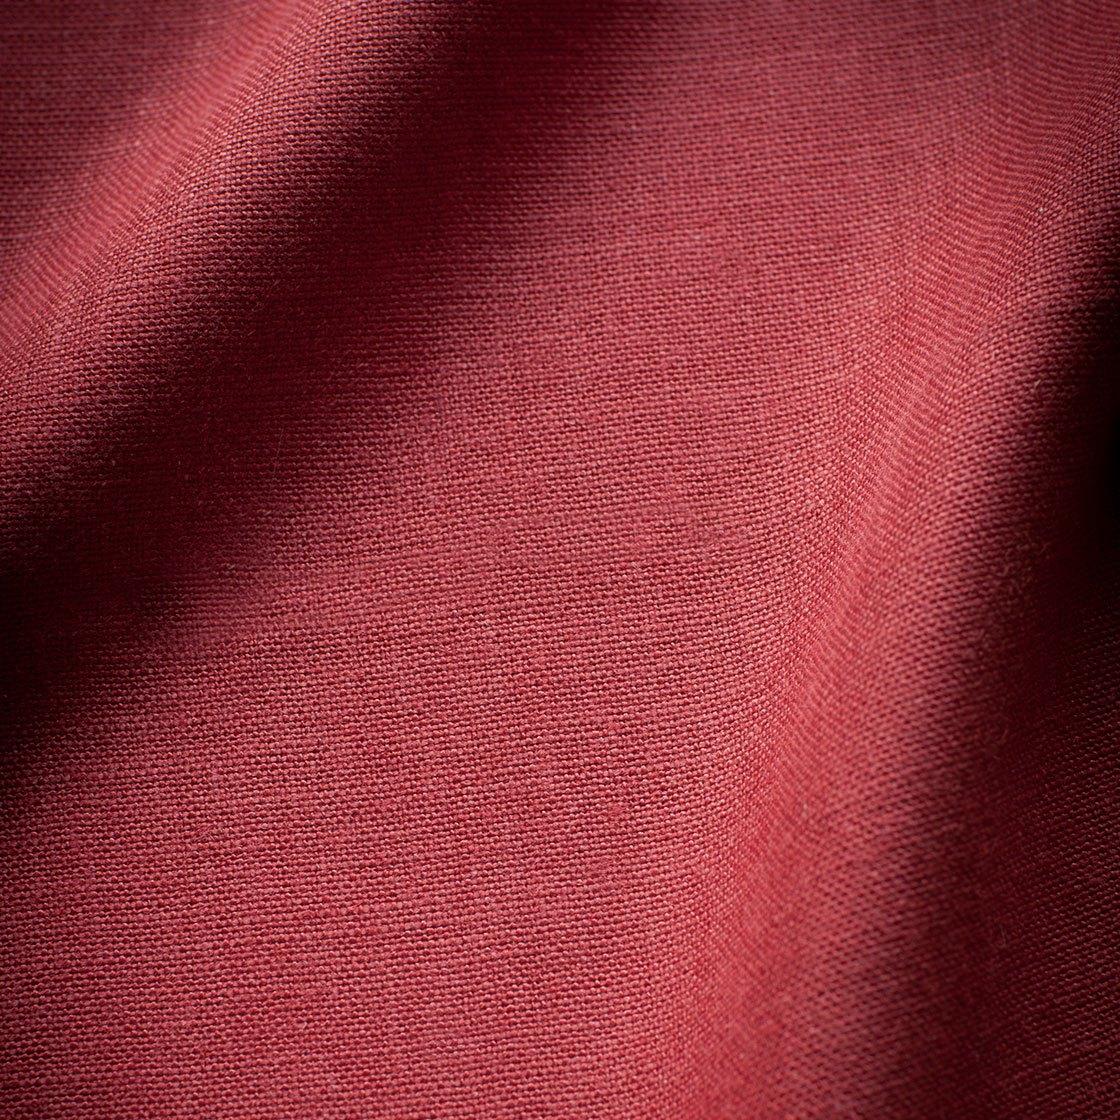 Bantry Linen - Lacquer Red - Beaumont & Fletcher - Beaumont & Fletcher